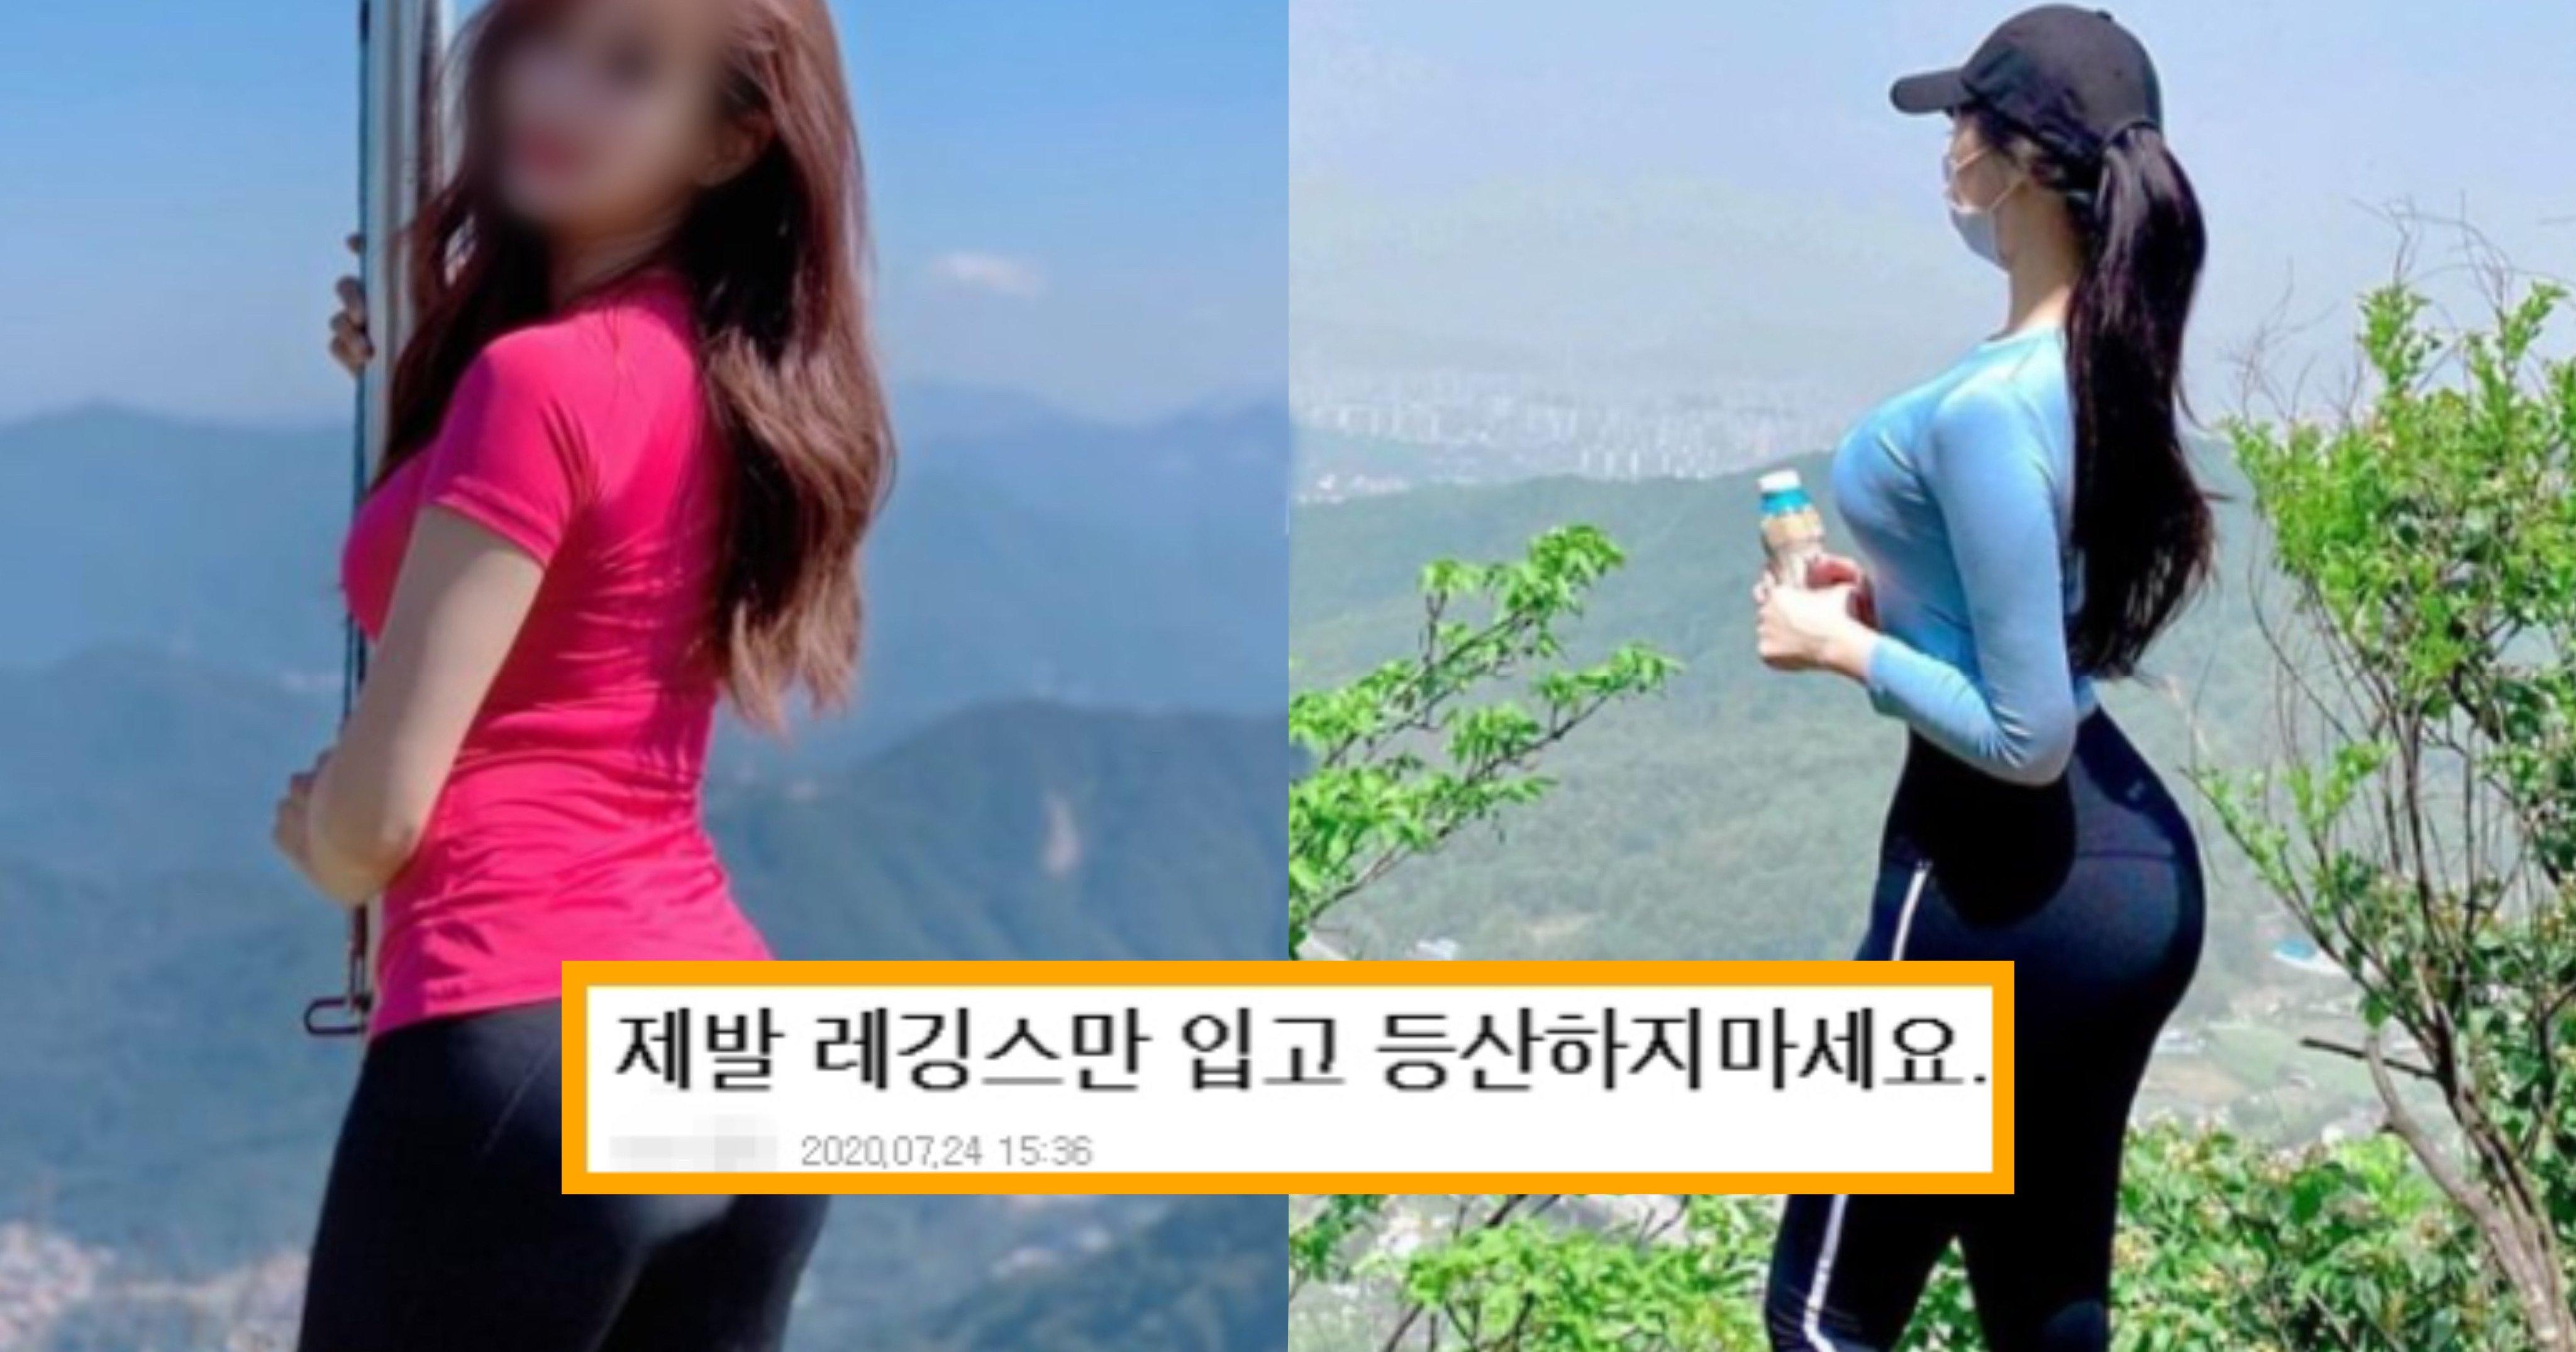 """kakaotalk 20210304 002739059.jpg?resize=412,275 - """"레깅스 입고 등산하지 마세요""""...요즘 여자들이 많이 입고 등산한다는 레깅스가 위험한 이유"""